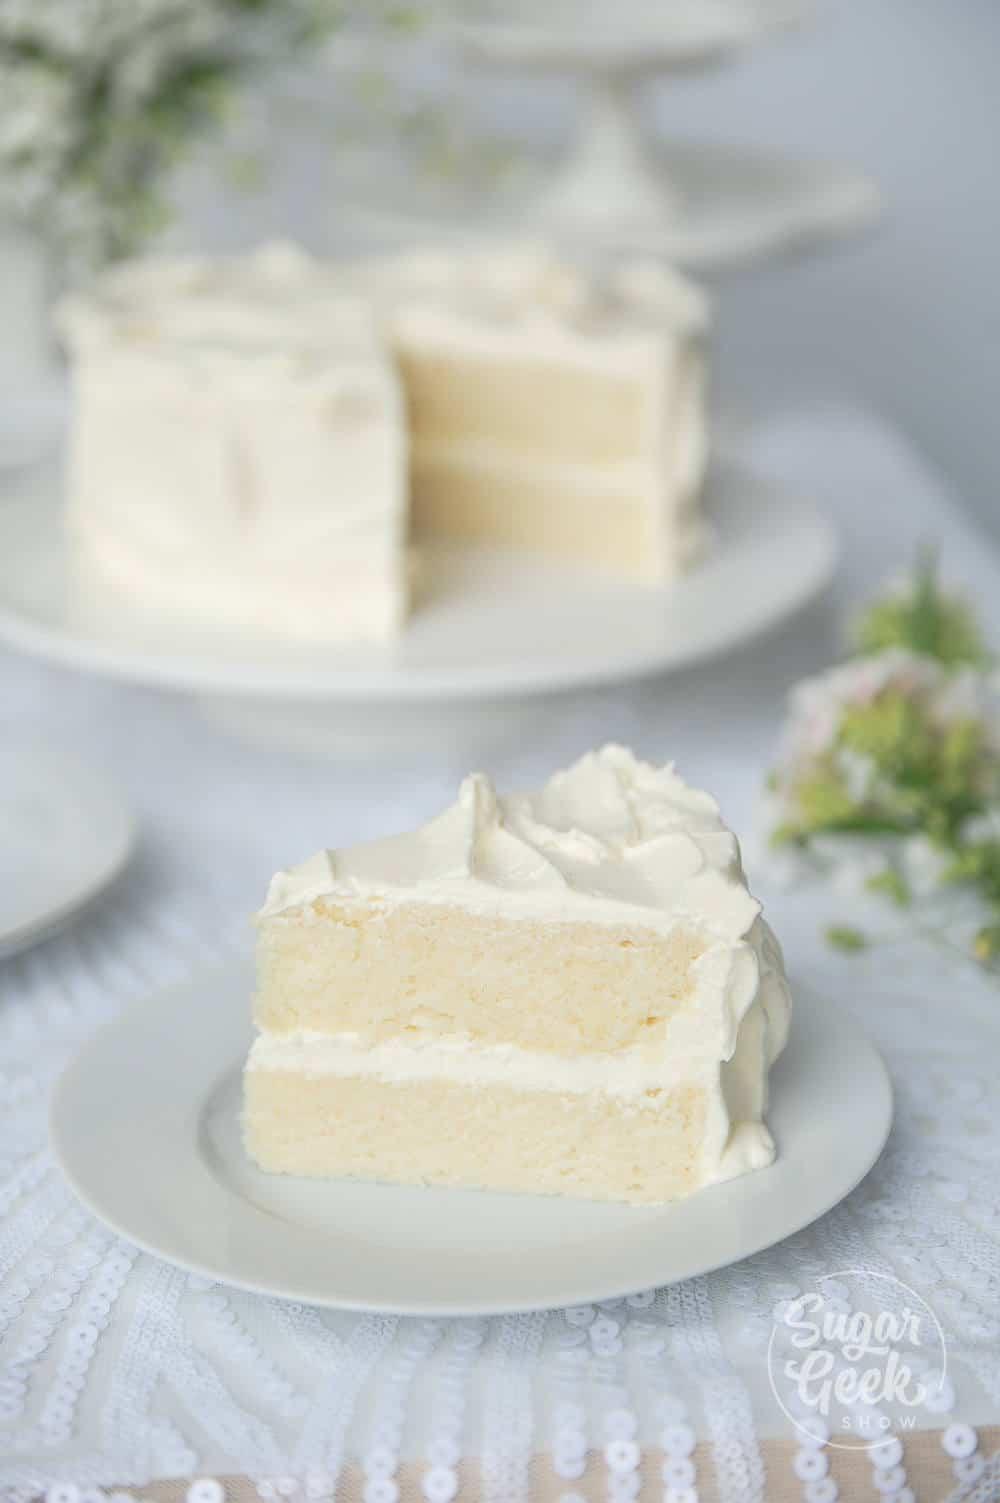 """quelle est la différence entre le gâteau blanc et le gâteau à la vanille """"width ="""" 1000 """"height ="""" 1503 """"srcset ="""" https://sugargeekshow.com/wp-content/uploads/2018/03/white-cake-recipe-20-of -55.jpg 1000w, https://sugargeekshow.com/wp-content/uploads/2018/03/white-cake-recipe-20-of-55-426x640.jpg 426w, https://sugargeekshow.com/wp -content / uploads / 2018/03 / recette-de-gâteau-blanc-20-sur-55-768x1154.jpg 768w, https://sugargeekshow.com/wp-content/uploads/2018/03/white-cake-recipe- 20-of-55-532x800.jpg 532w """"tailles ="""" (largeur maximale: 1000px) 100vw, 1000px"""